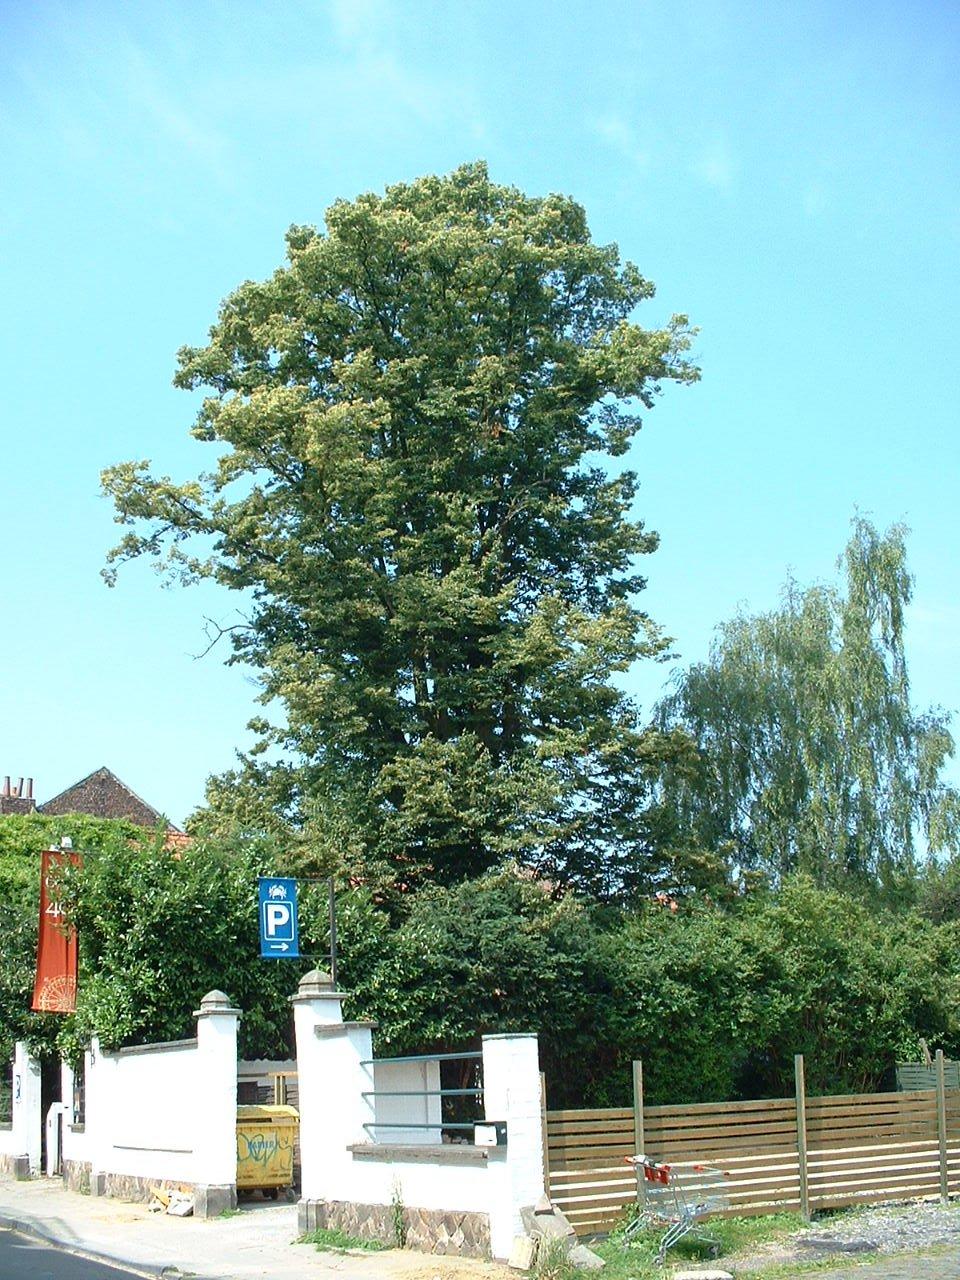 Tilleul à petites feuilles – Watermael-Boitsfort, Avenue du Bois de la Cambre, 19 –  17 Juillet 2002